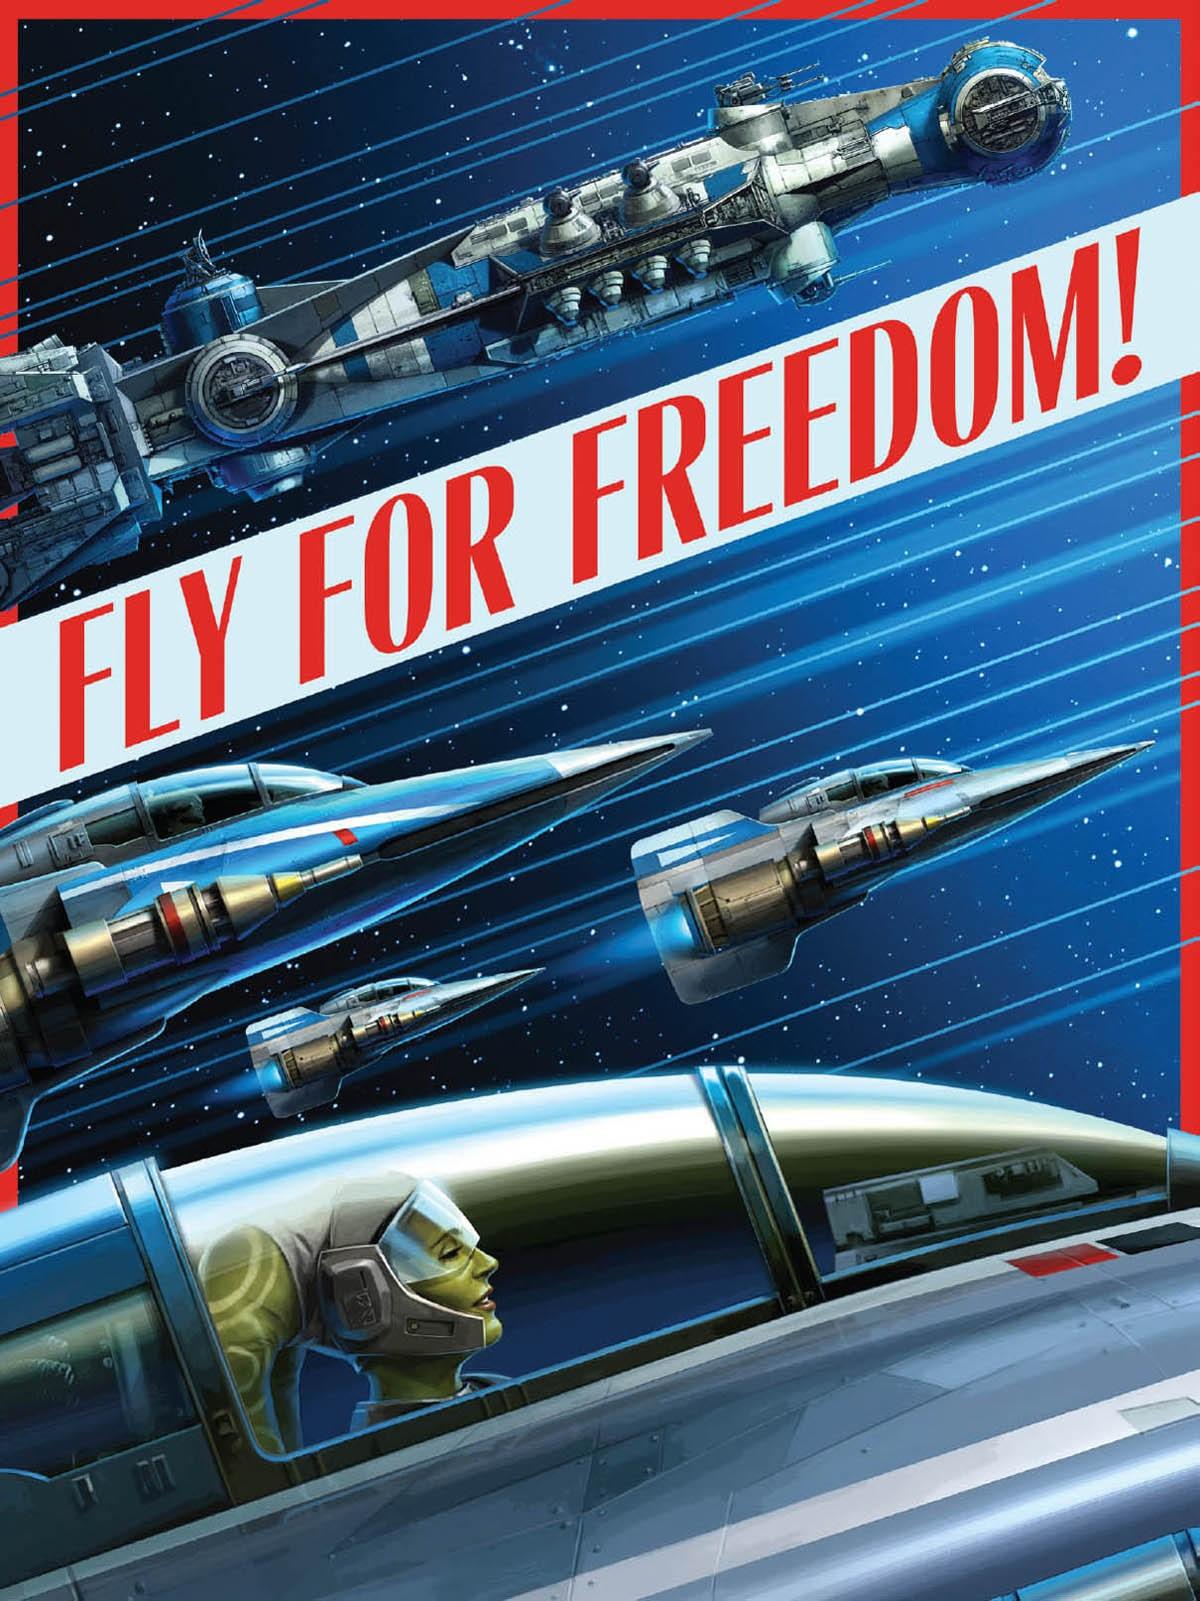 自由のために飛べ